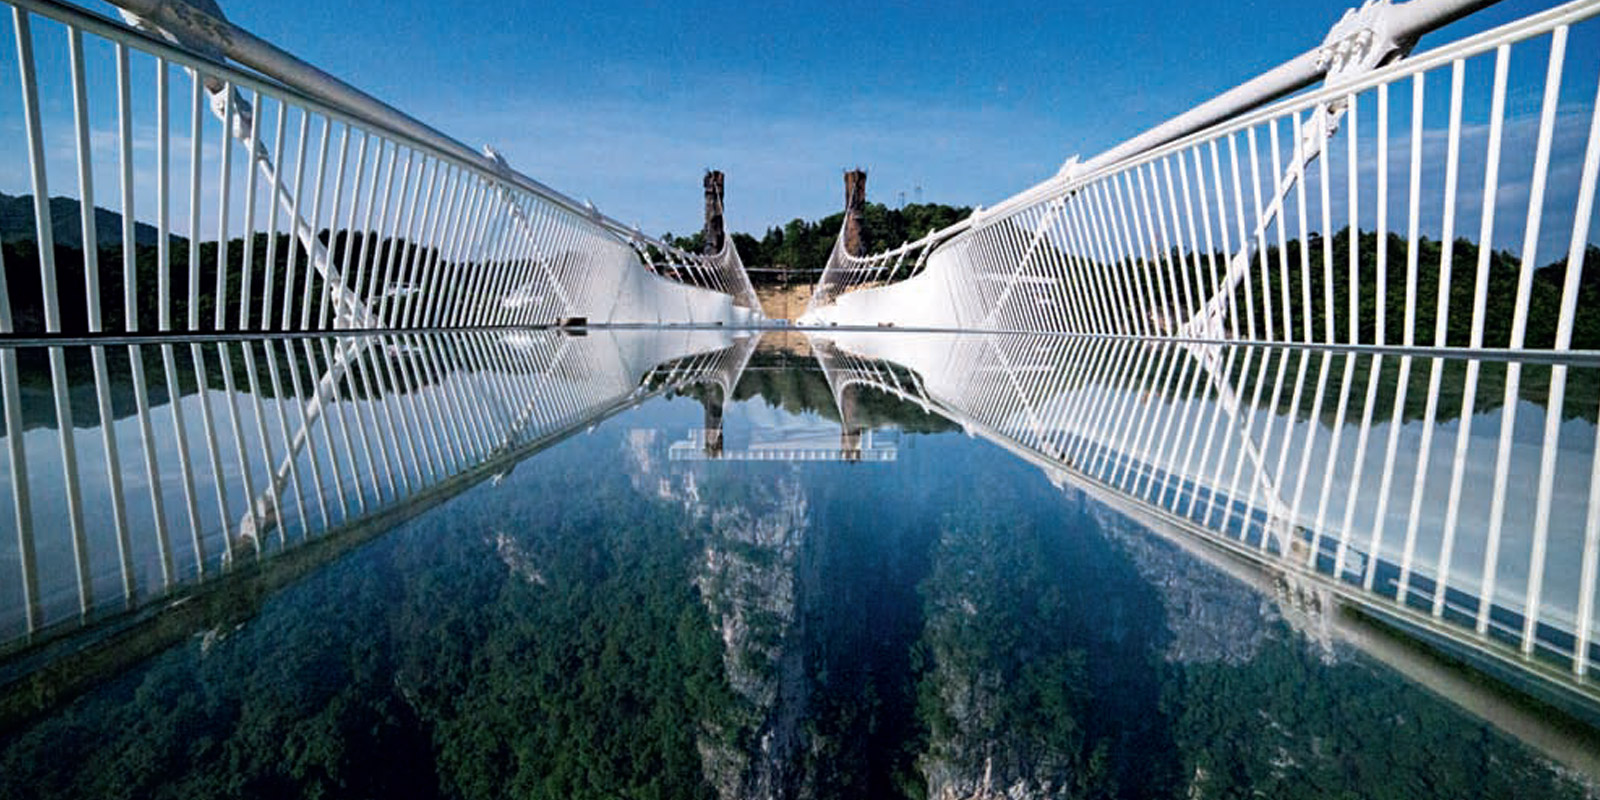 Dünyanın en uzun köprüsü - gerçek bir tasarım mucizesidir